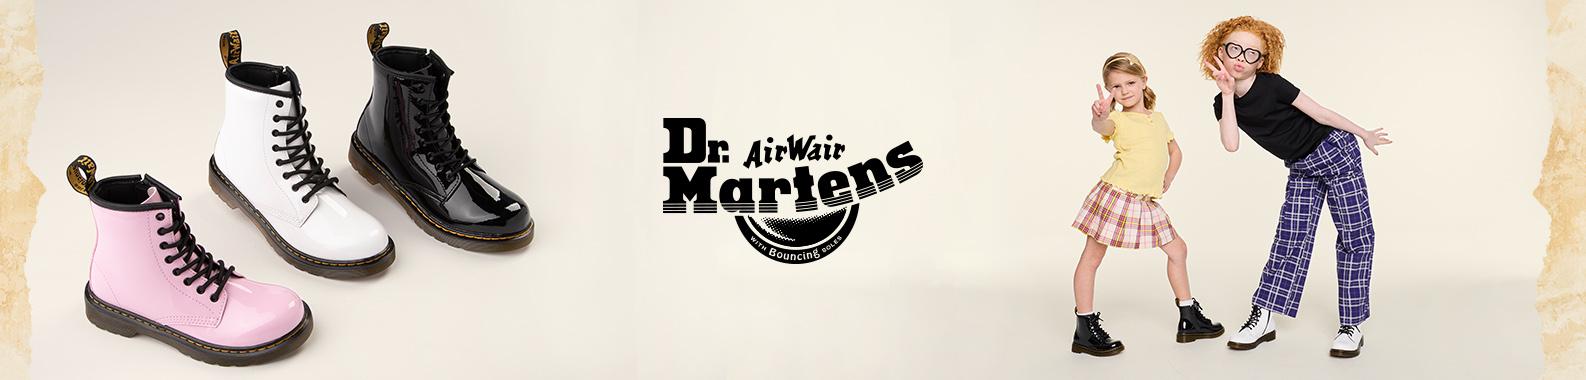 Dr. Martens brand header image